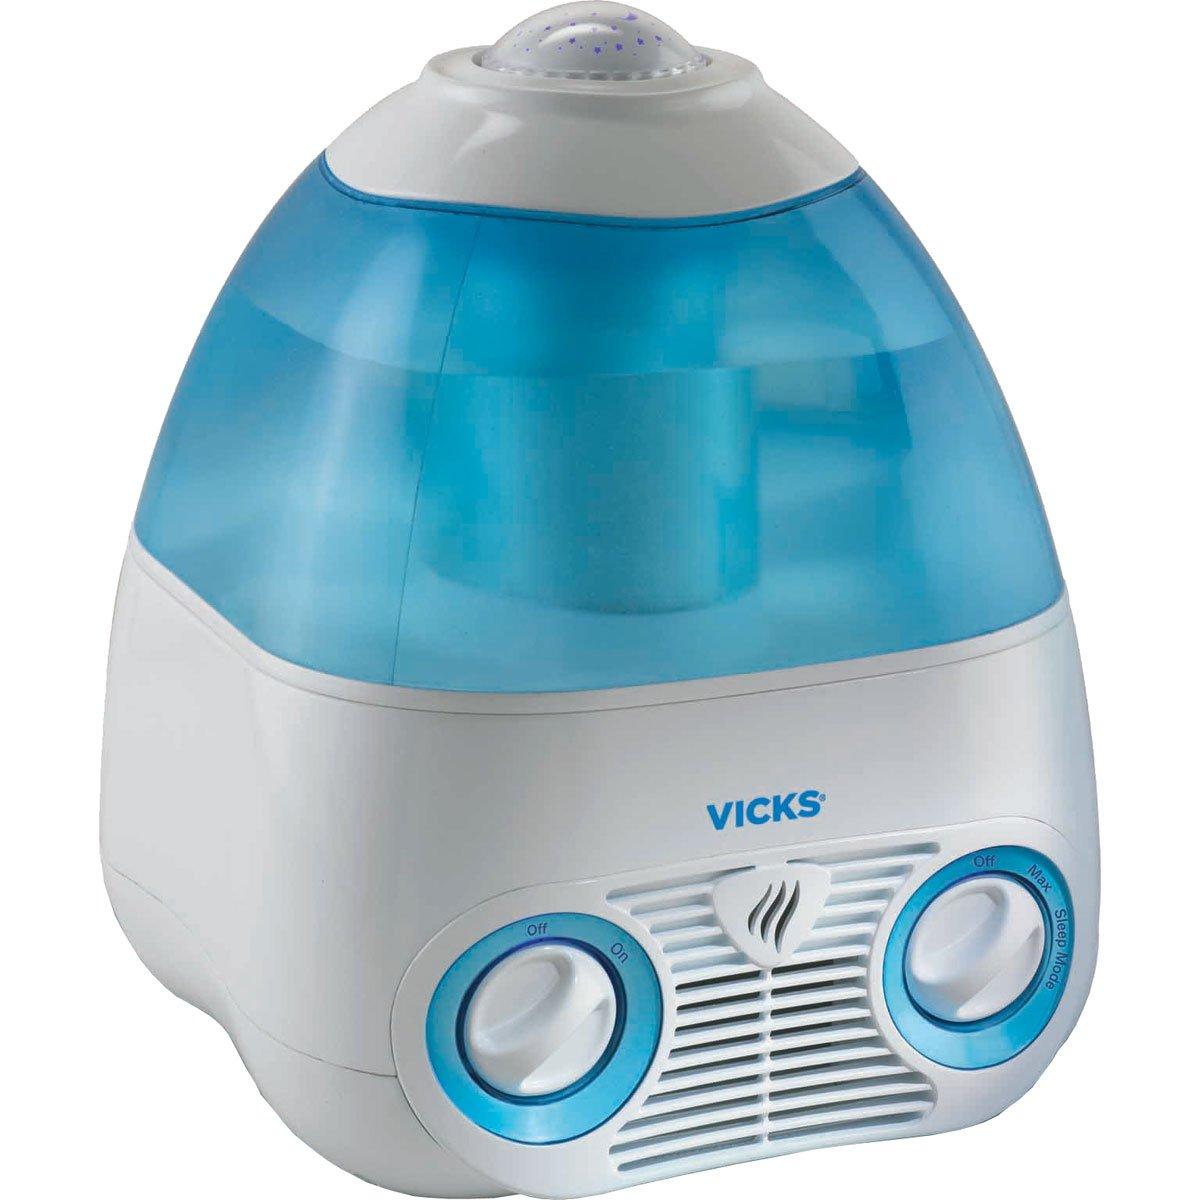 おすすめ ヴィックス気化式加湿器 B00DCGOF0K V3700【3個セット】 B00DCGOF0K, 通販のe-問屋:4b3f2931 --- ciadaterra.com